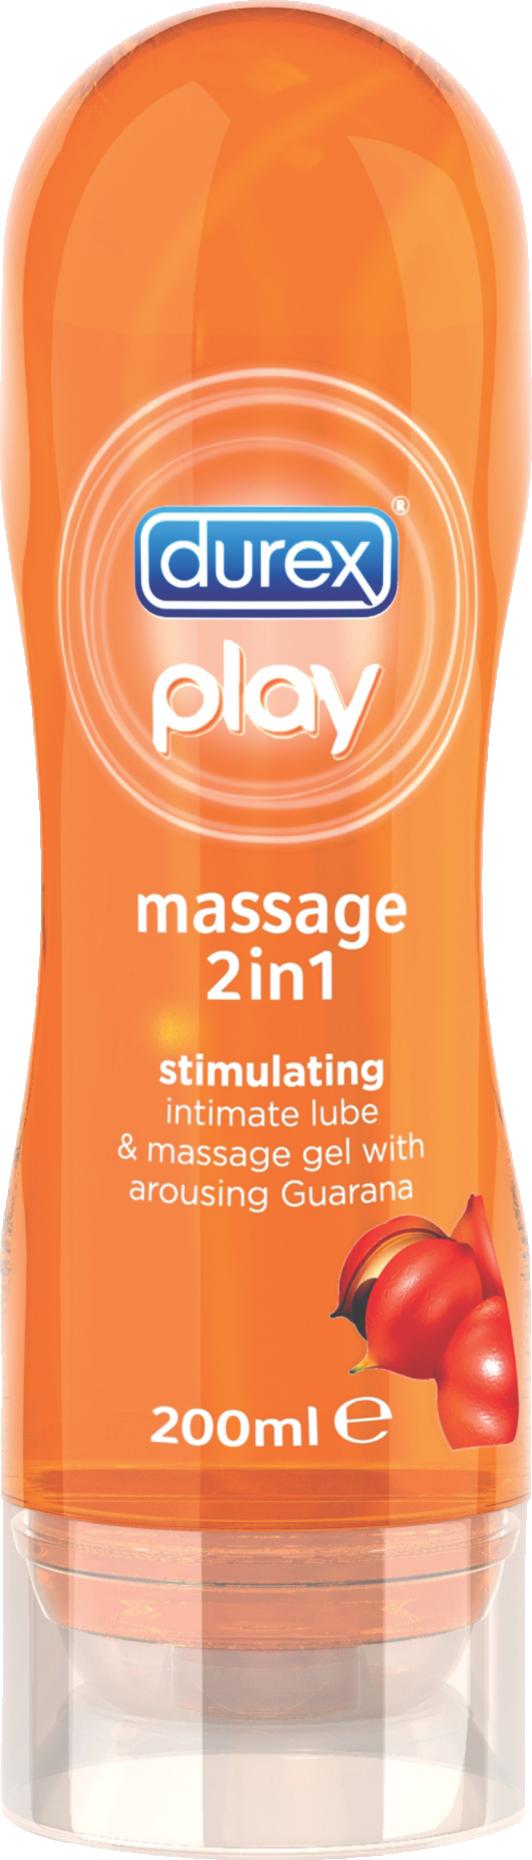 Durex Play Massage 2in1 Stimulating Find 2 In Lubricant 200ml Information Online Lybrate